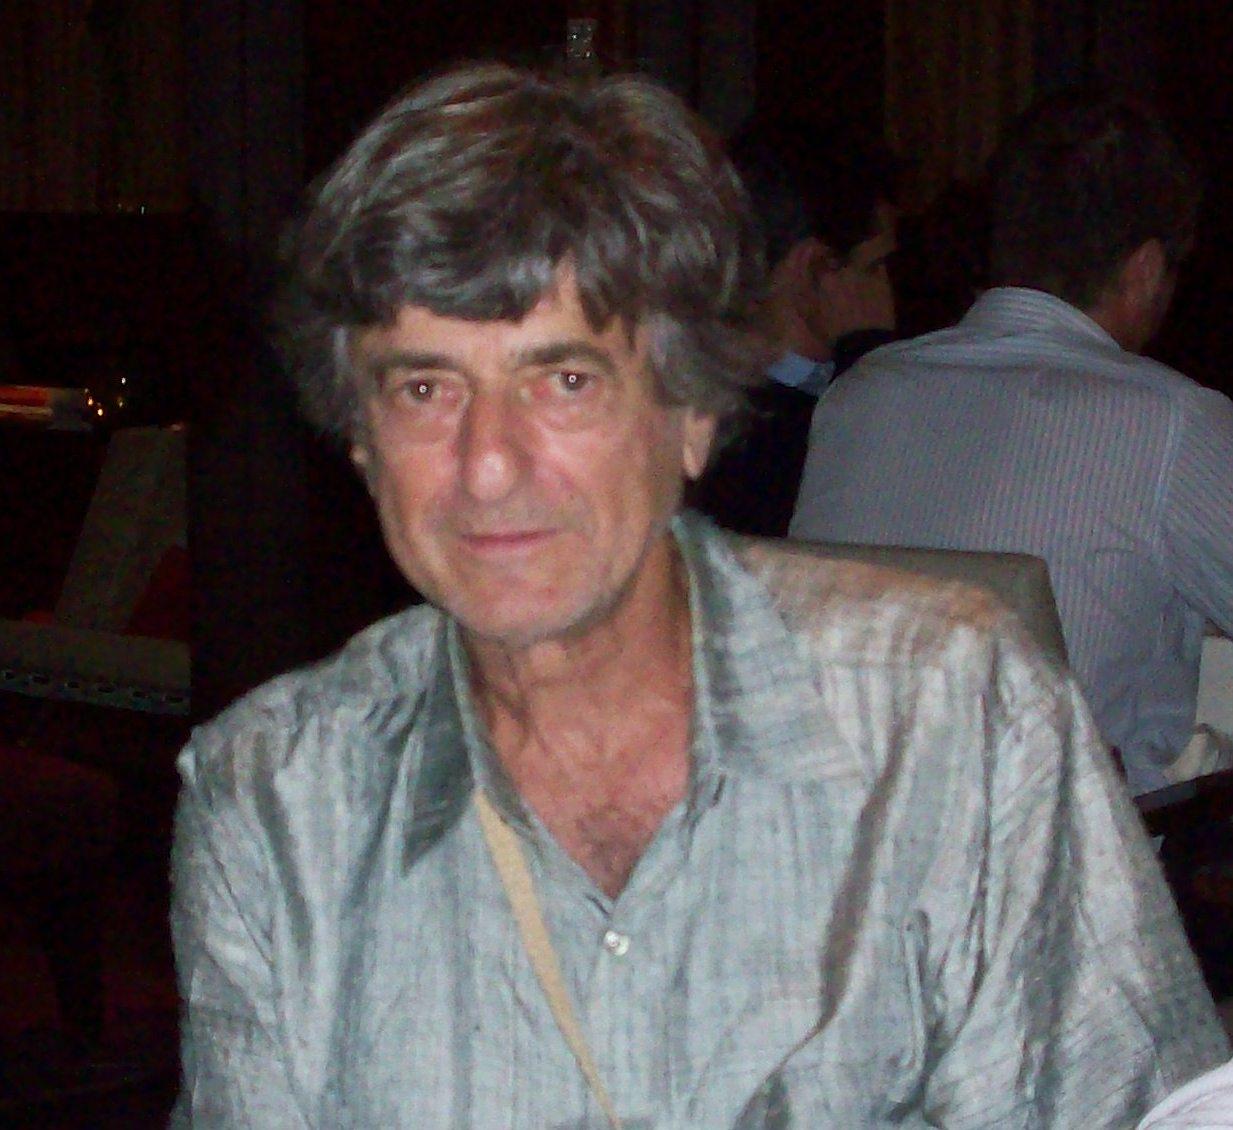 Michael Shub in April 2012